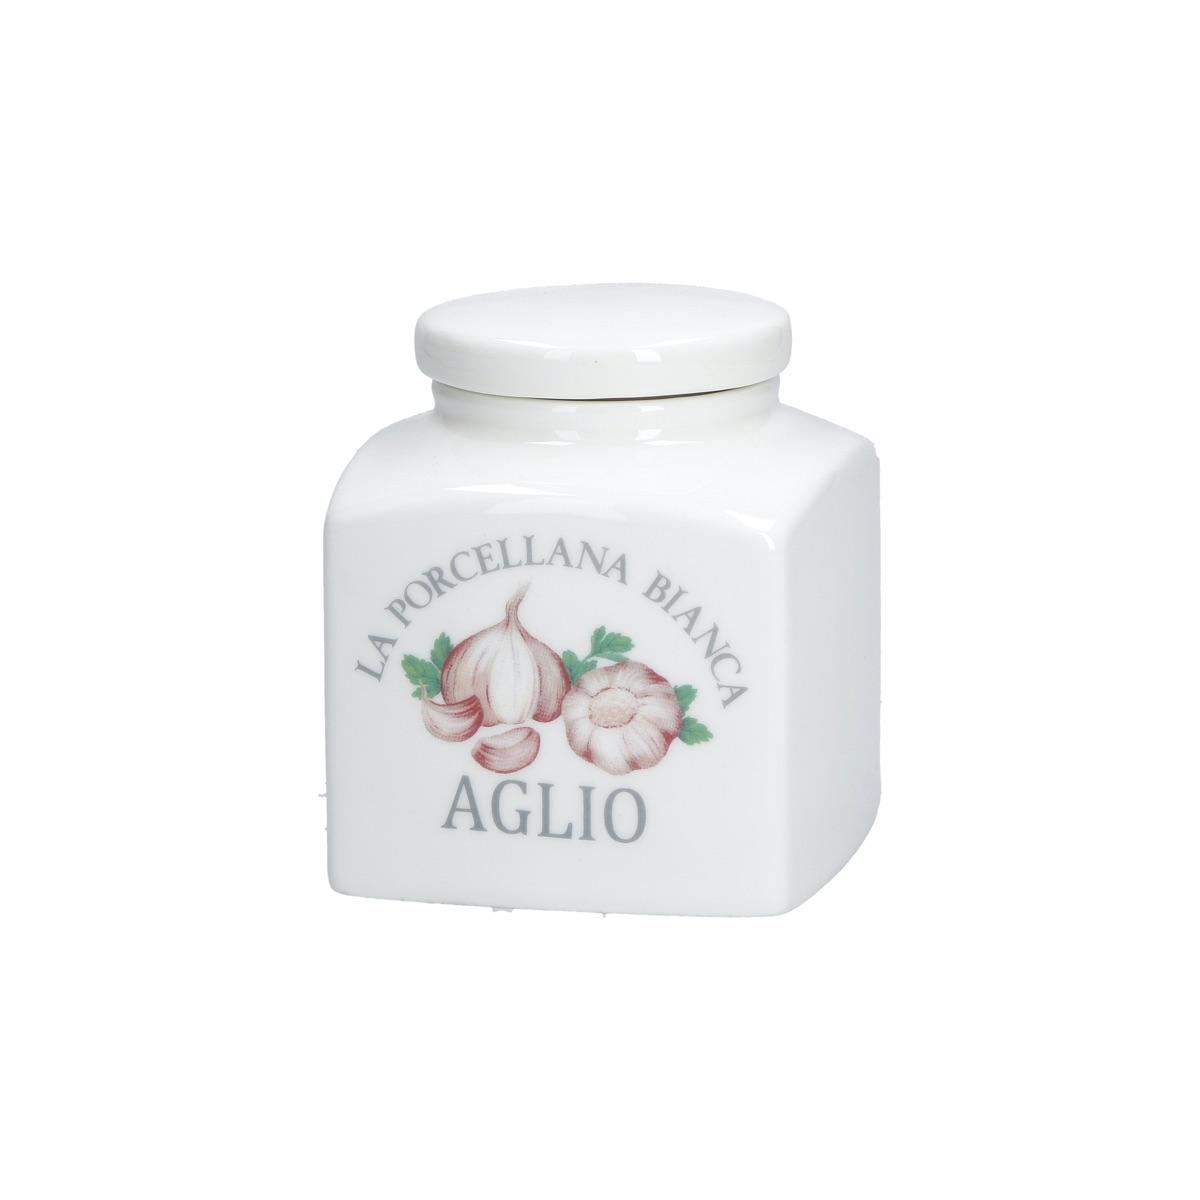 Conserva barattolo déco aglio